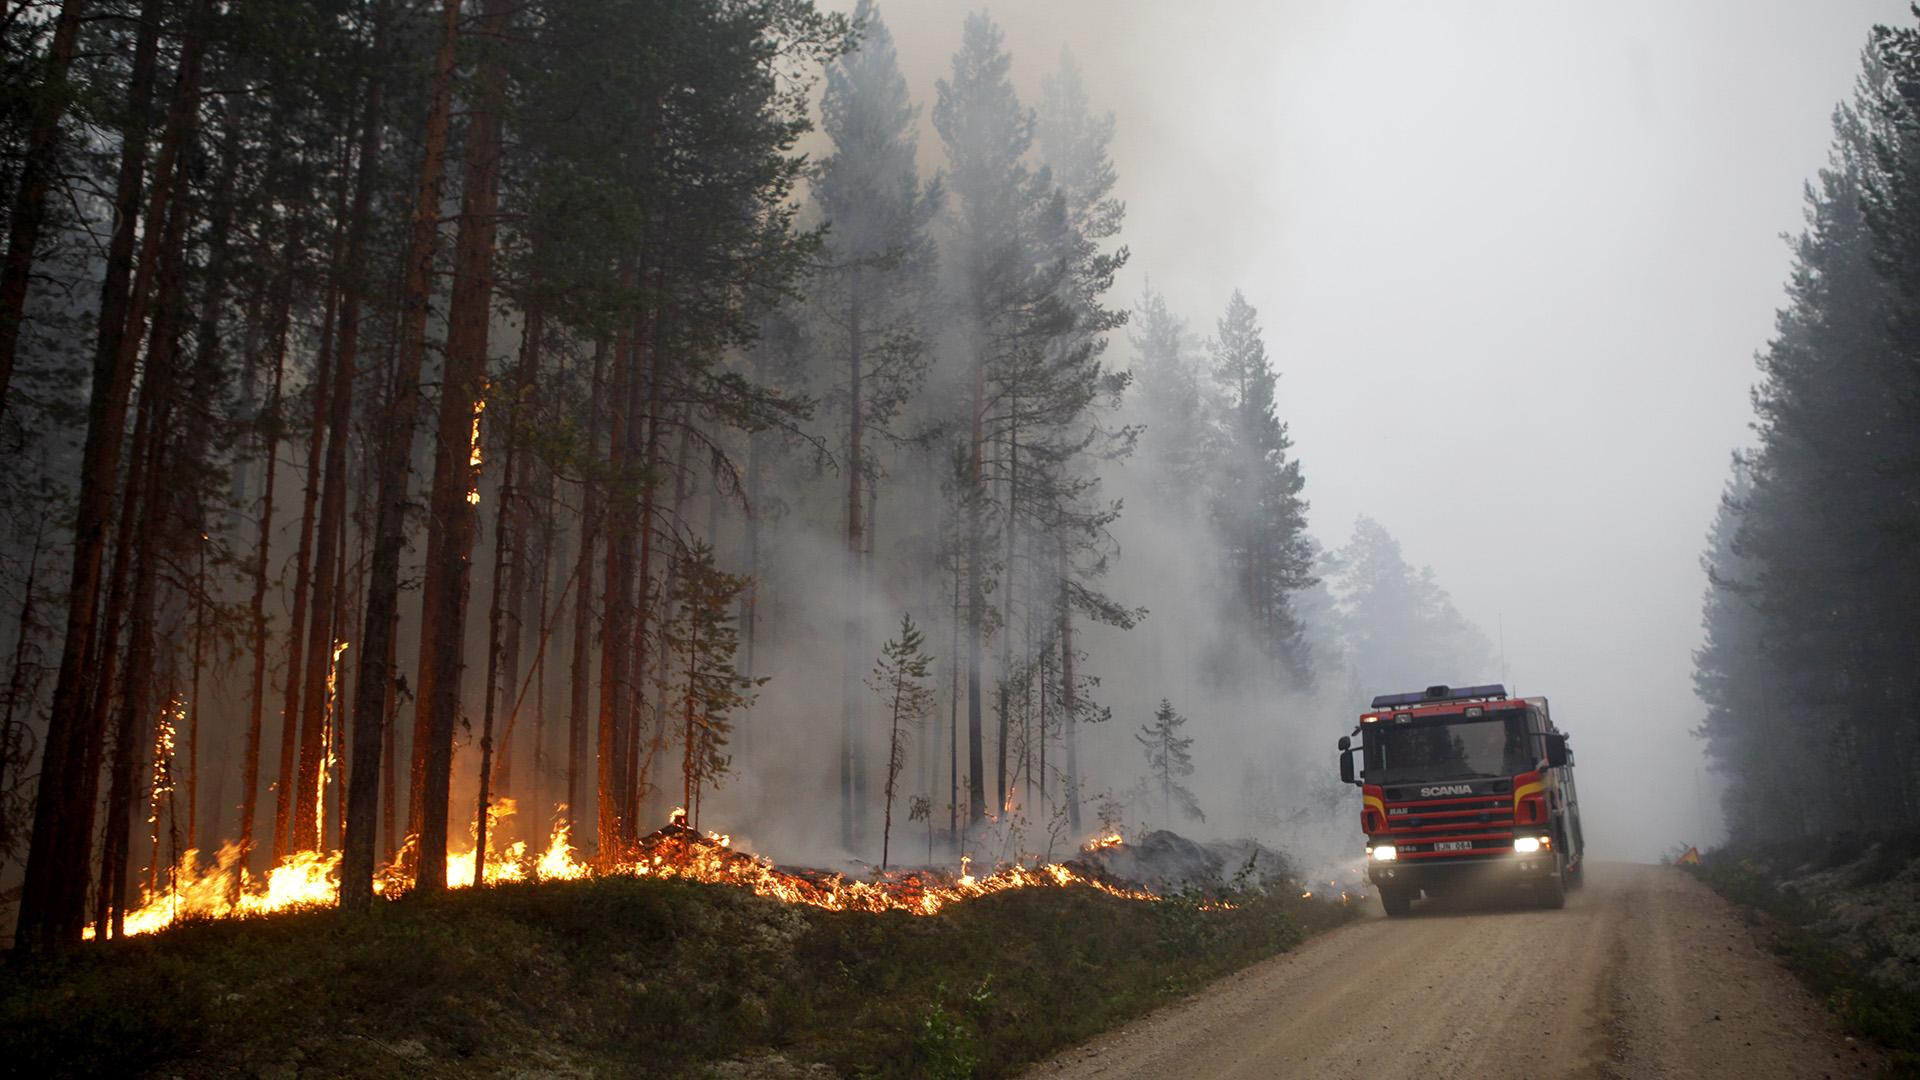 Stor brand utanfor kramfors